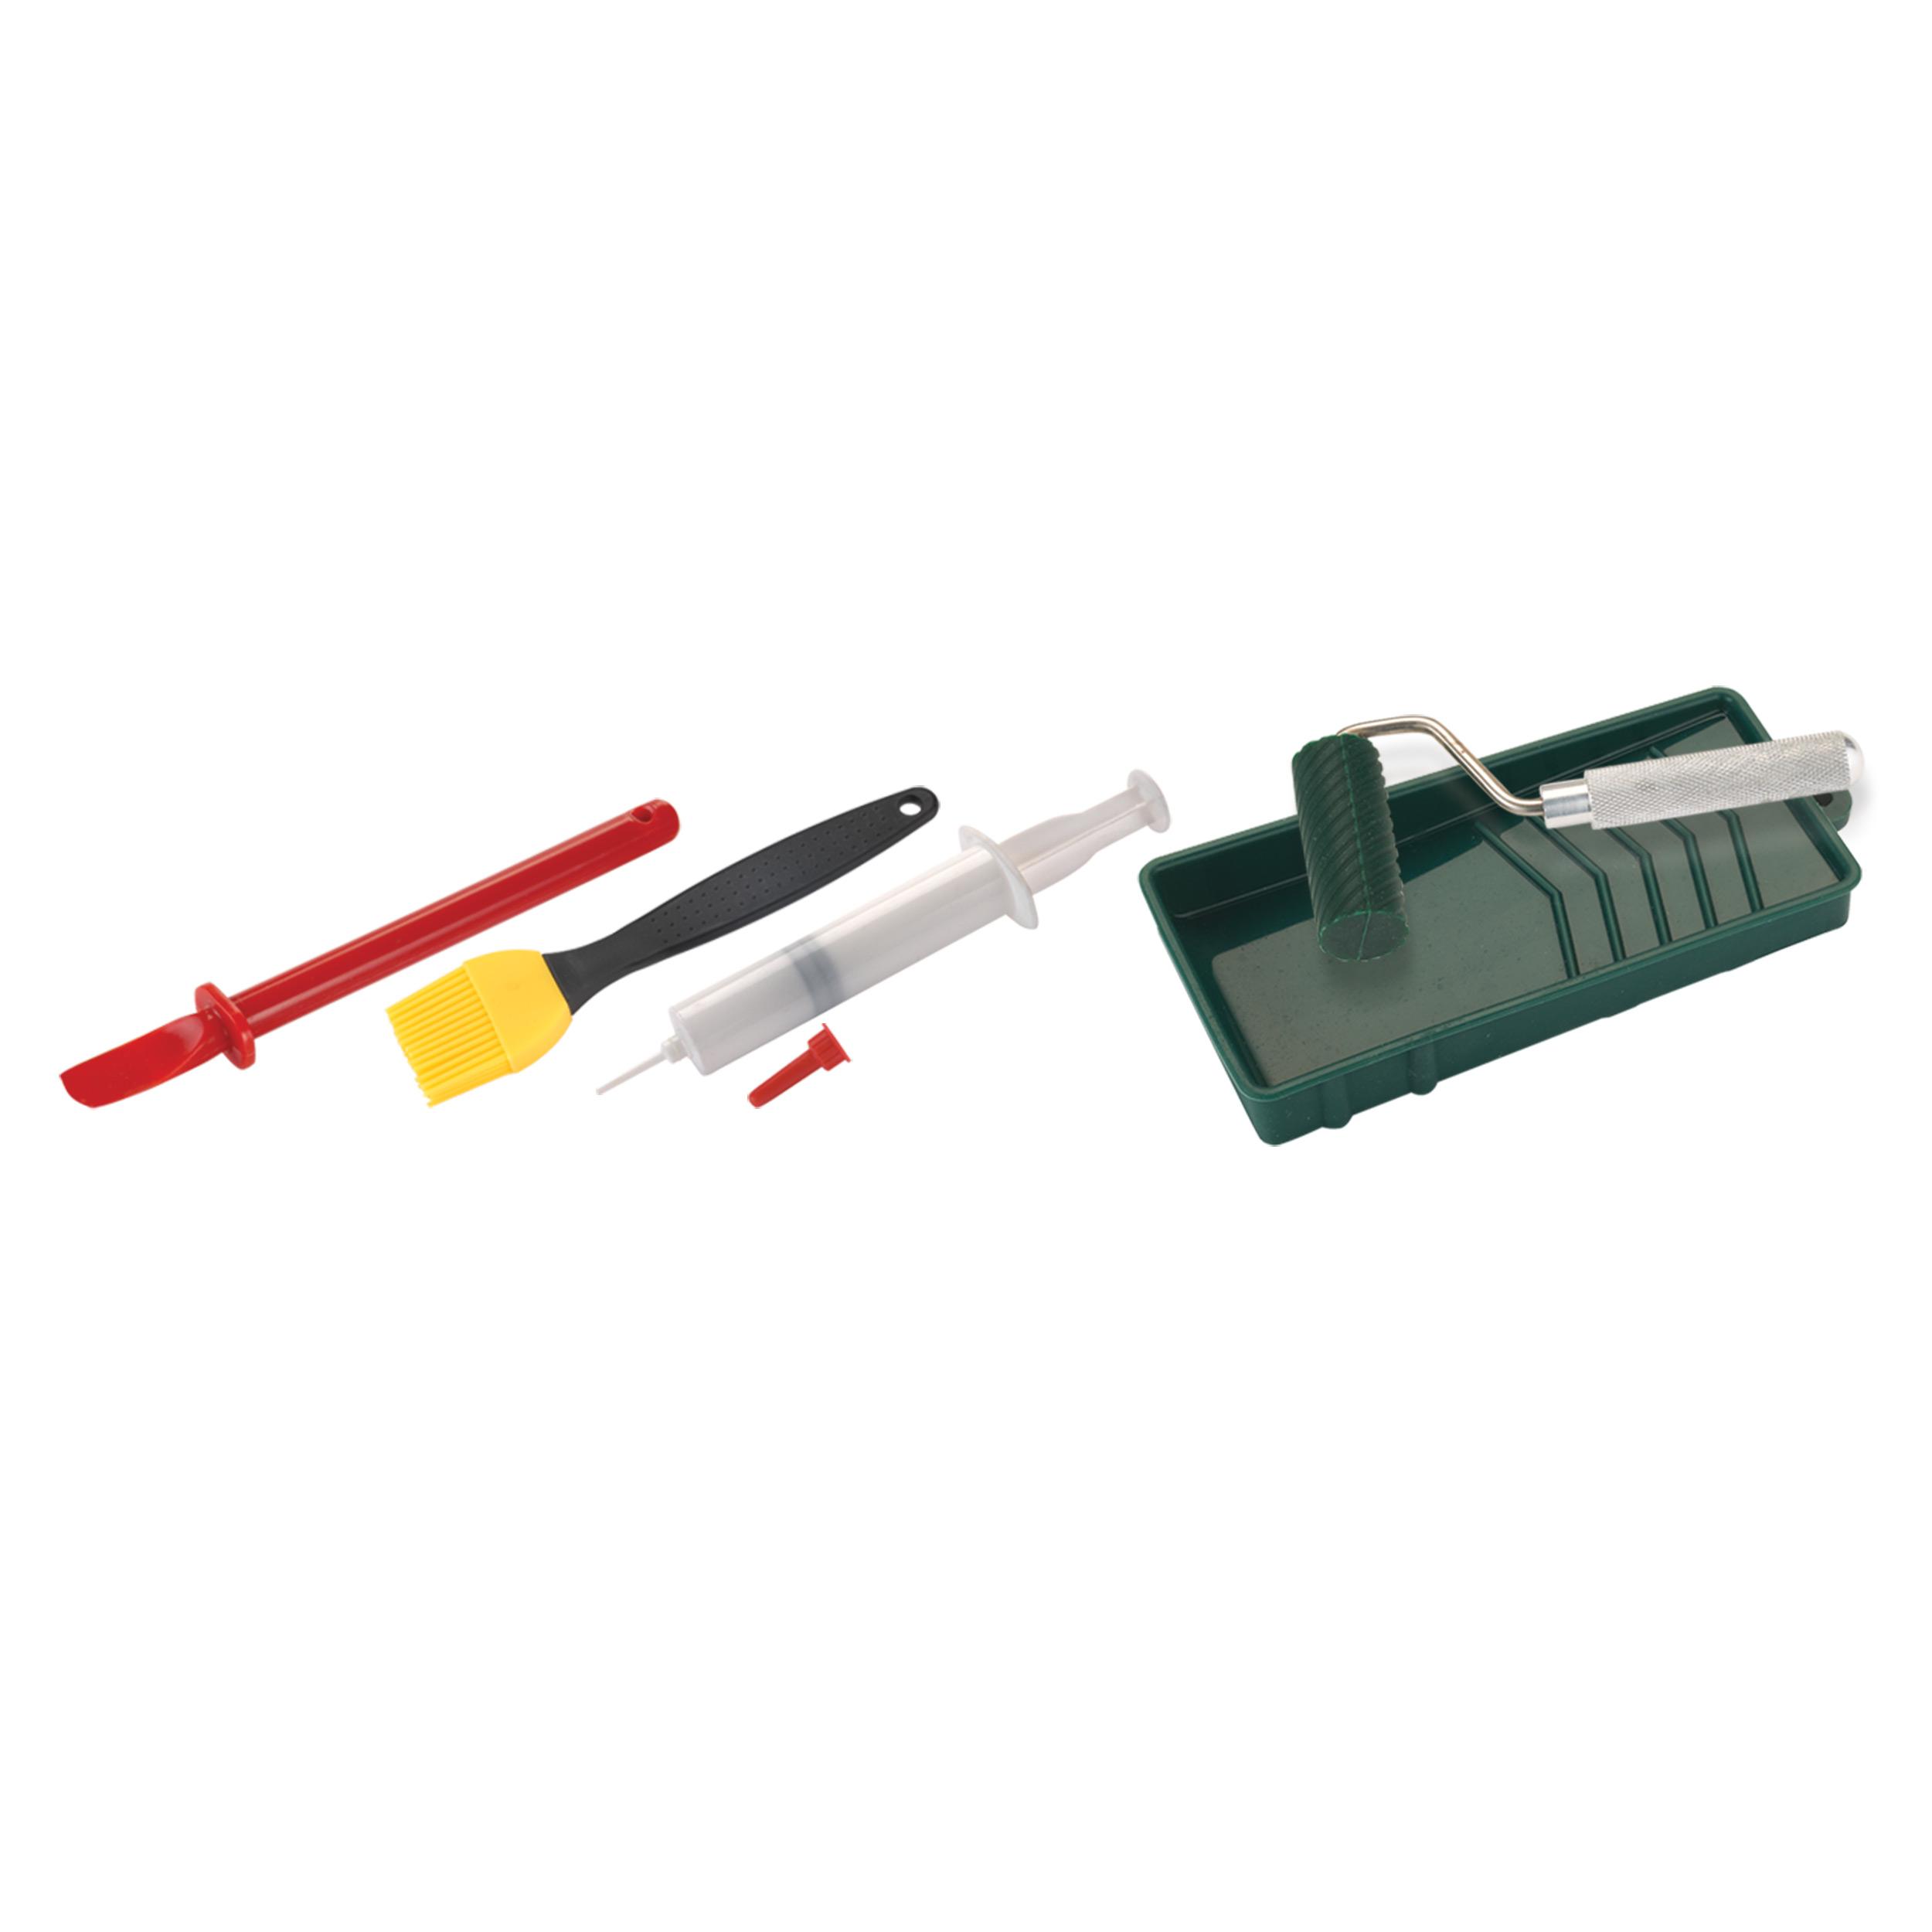 WoodRiver Glue Accessory Set